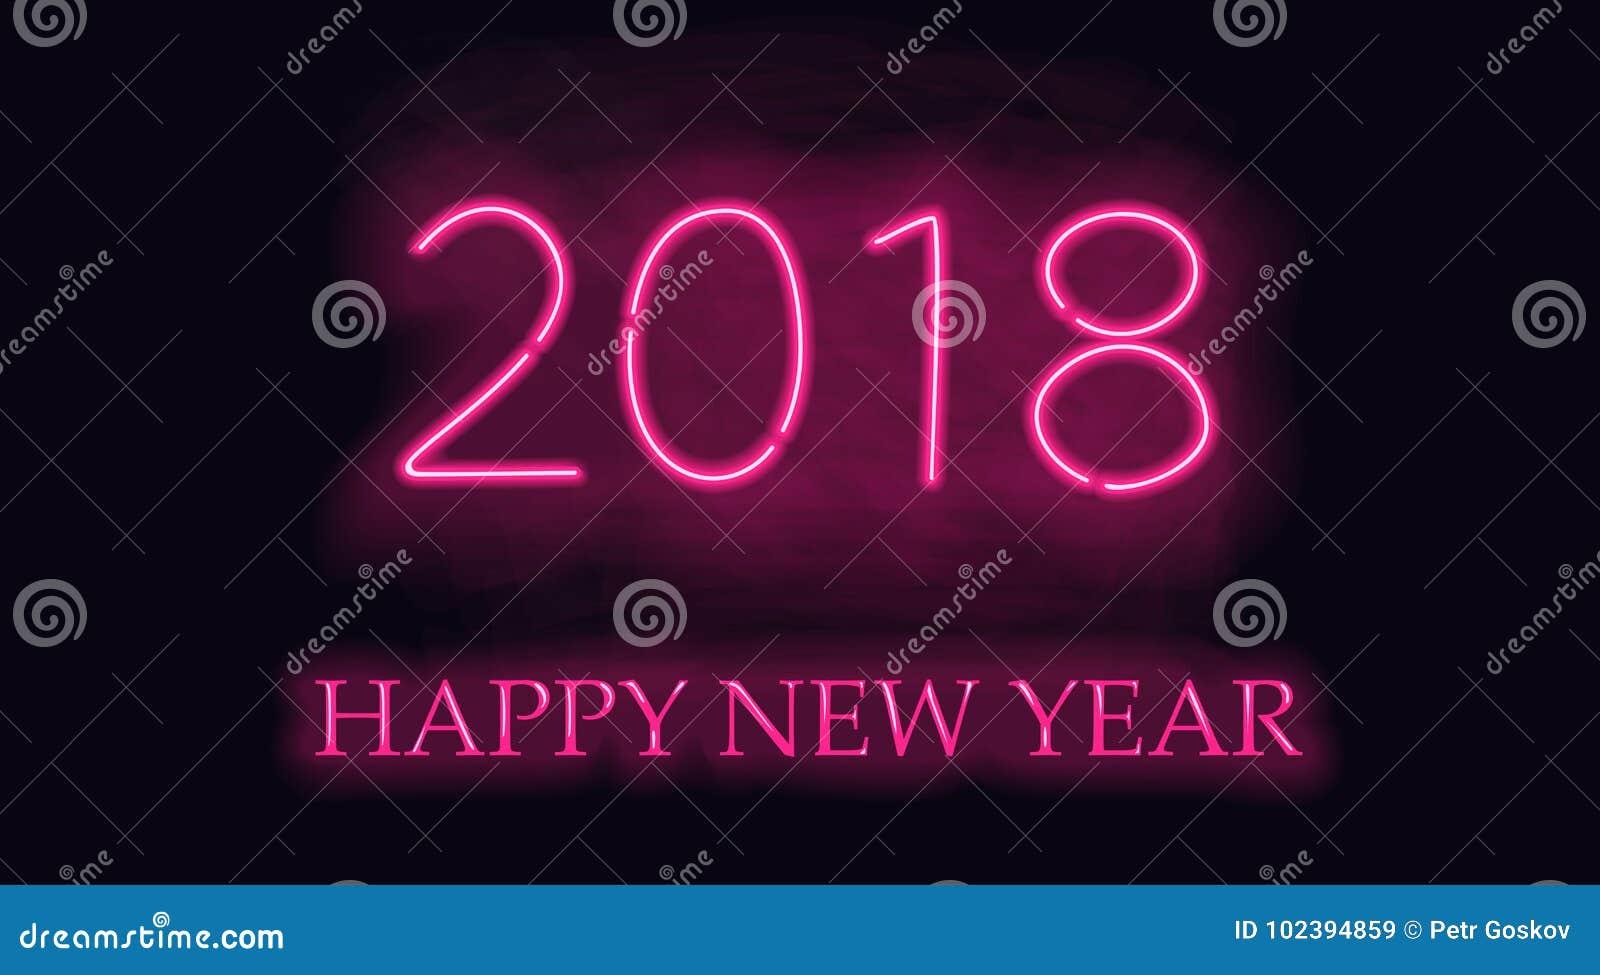 Nouvel 2018 ans heureux